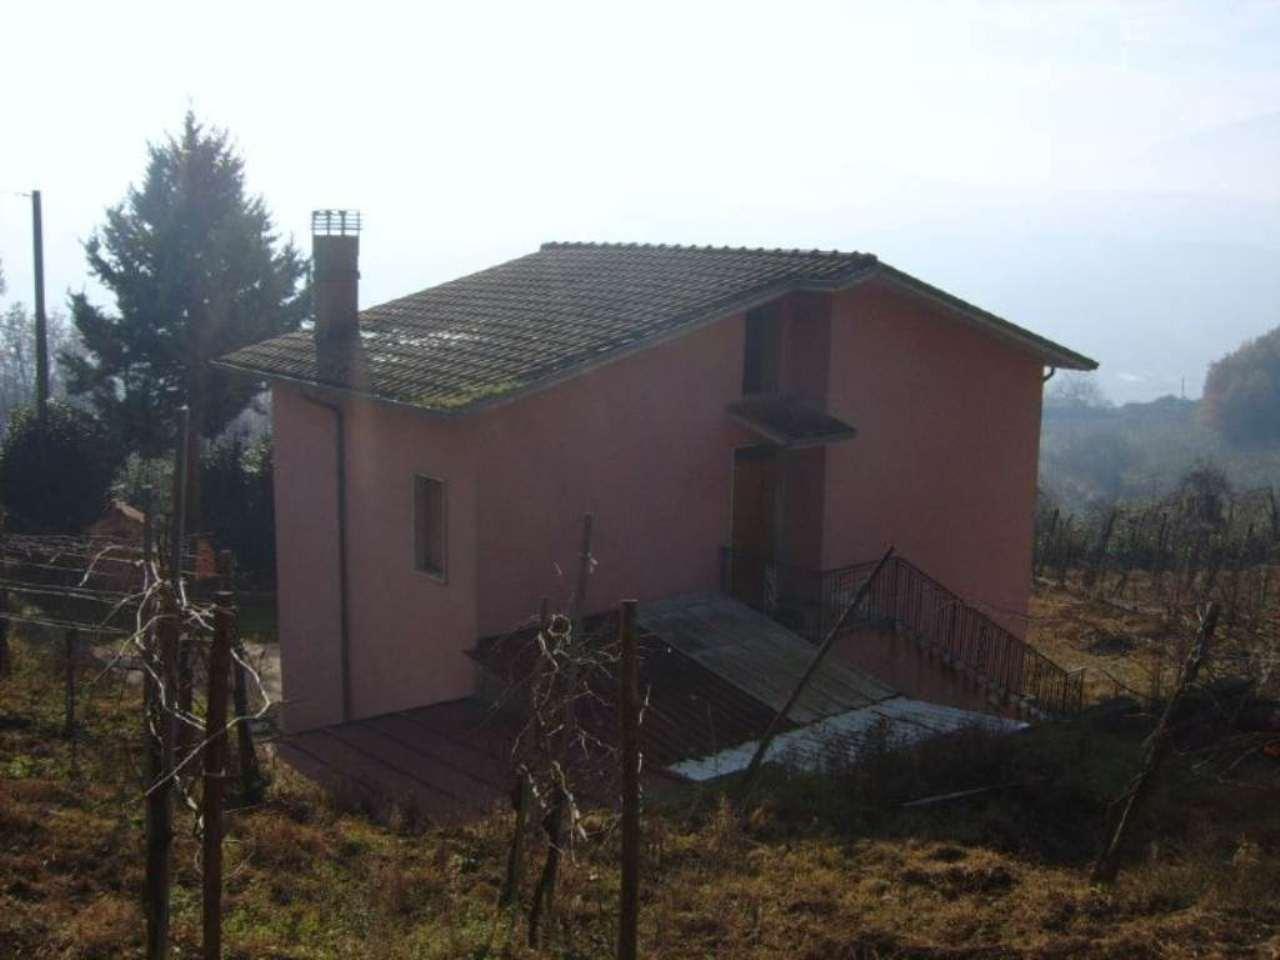 Villa in vendita a Torrioni, 3 locali, prezzo € 73.000 | Cambio Casa.it